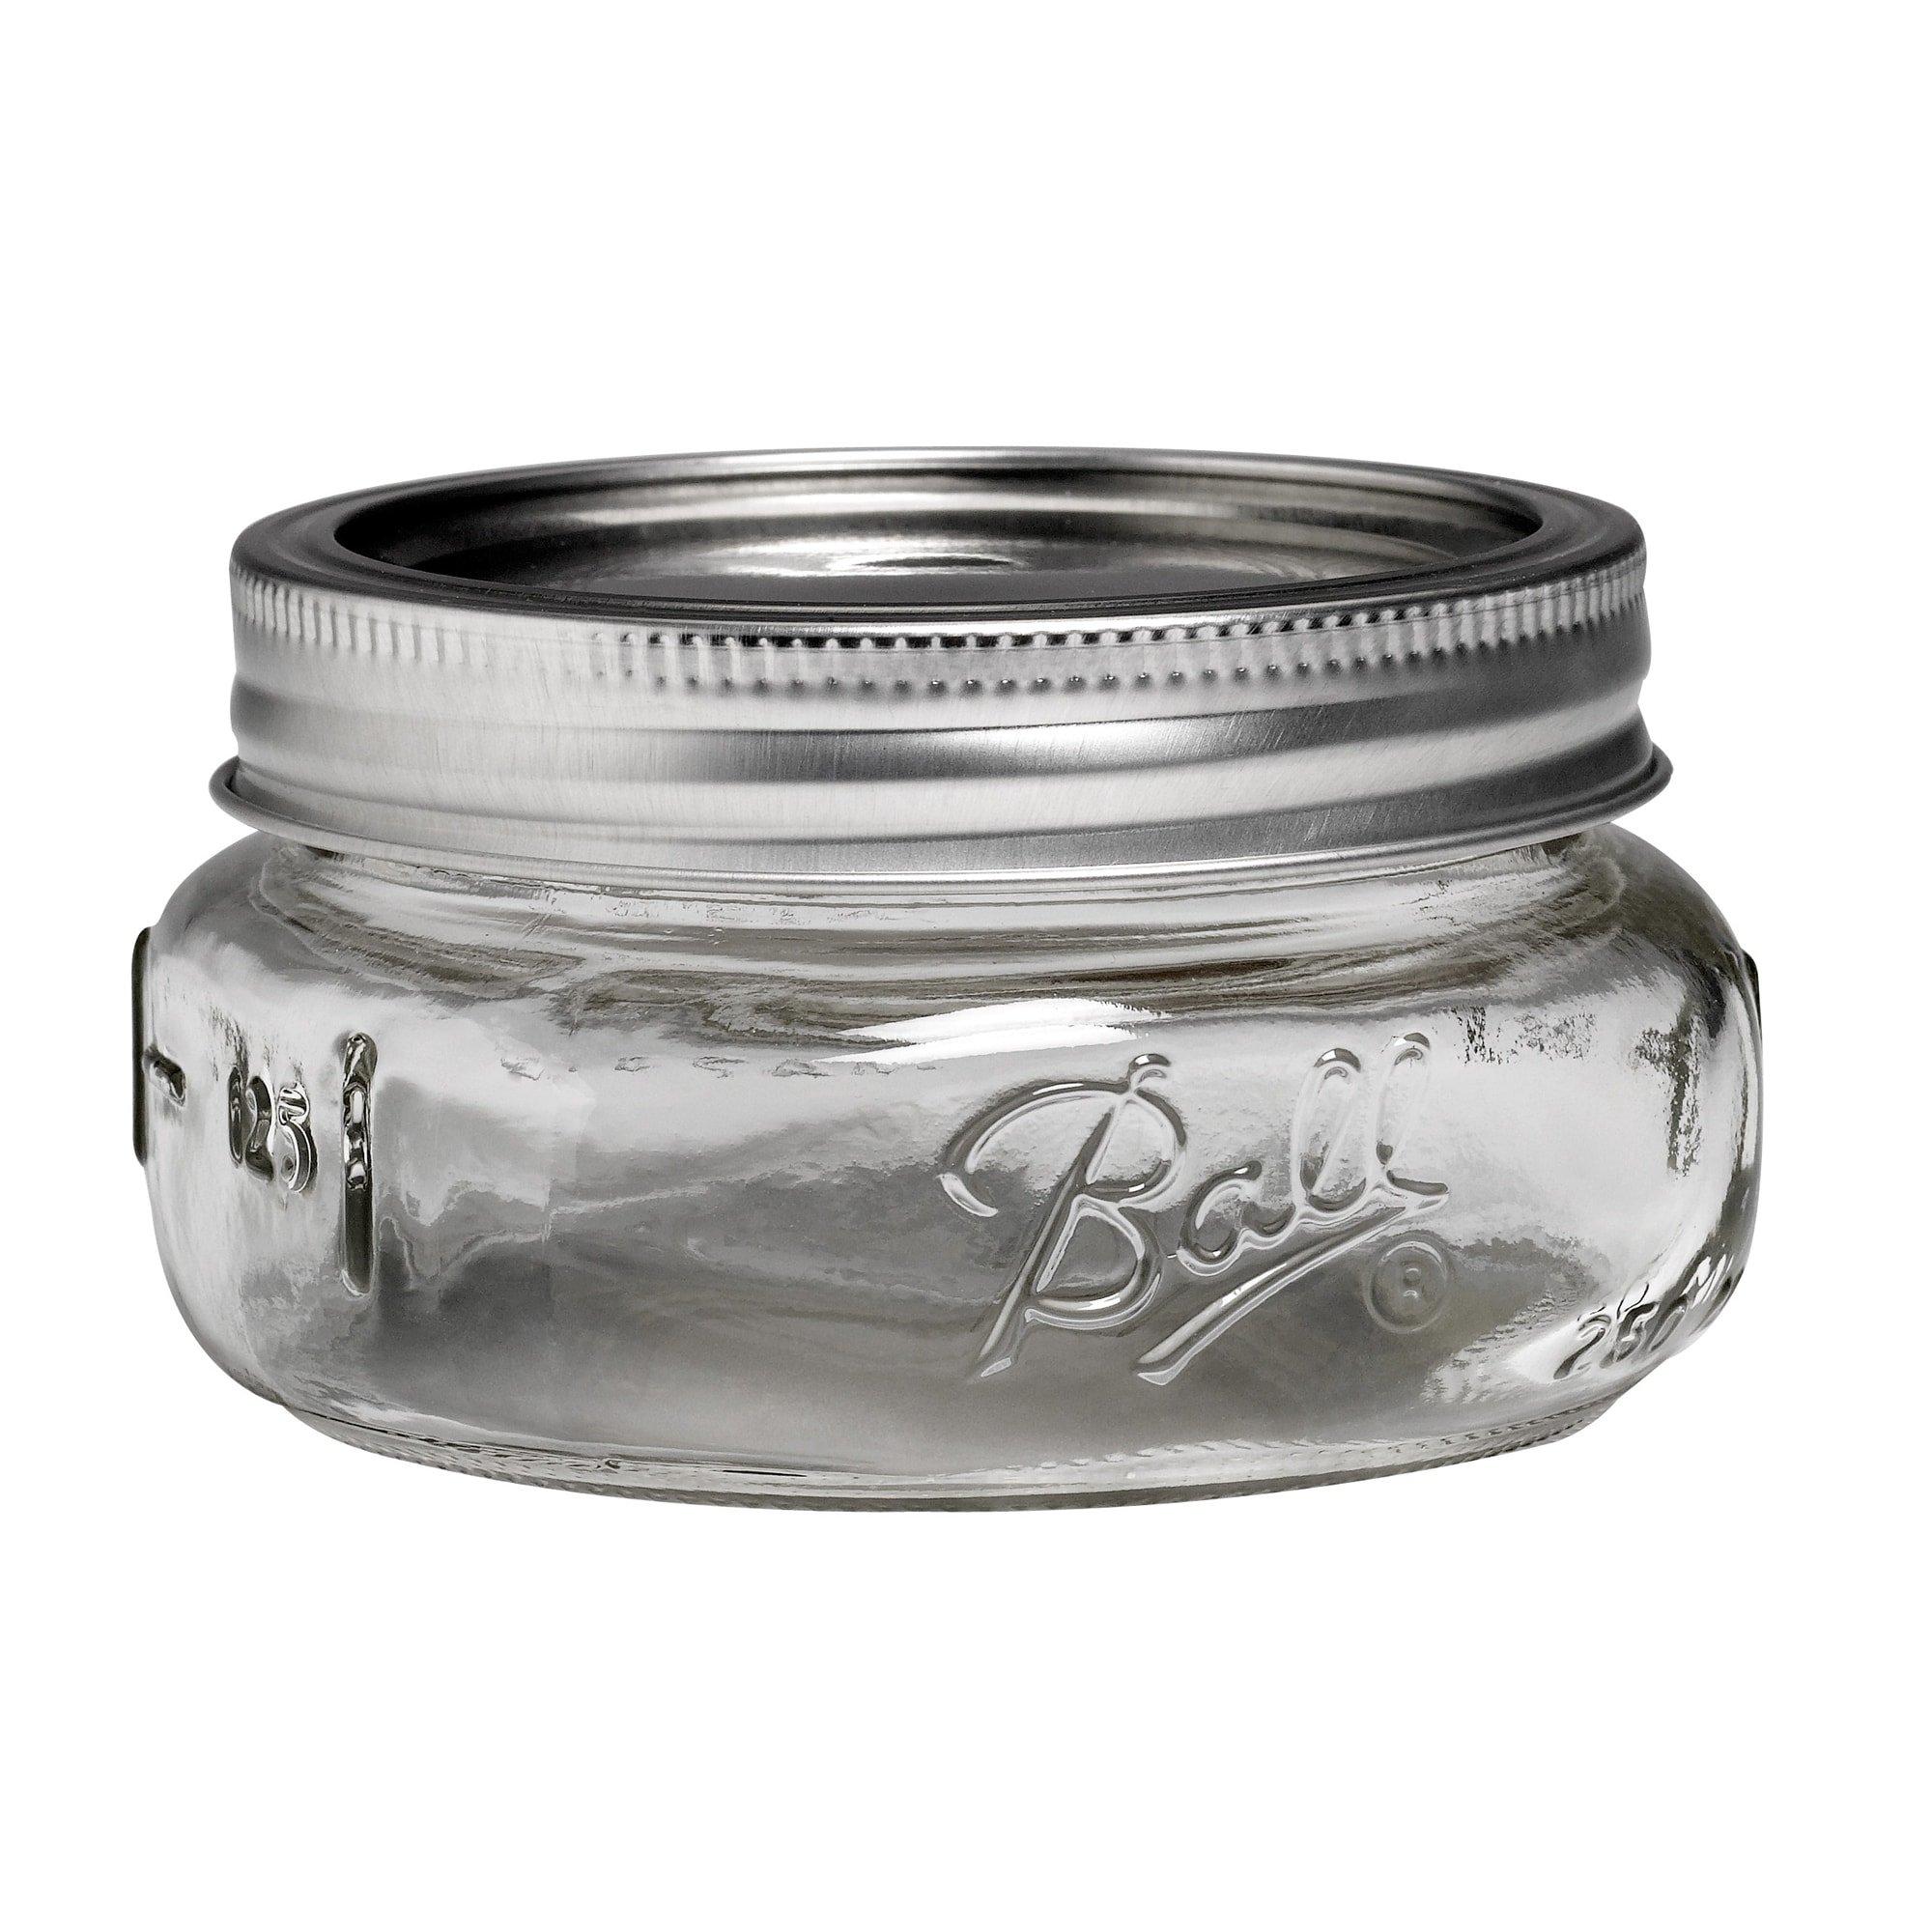 Mason jars available at Walmart